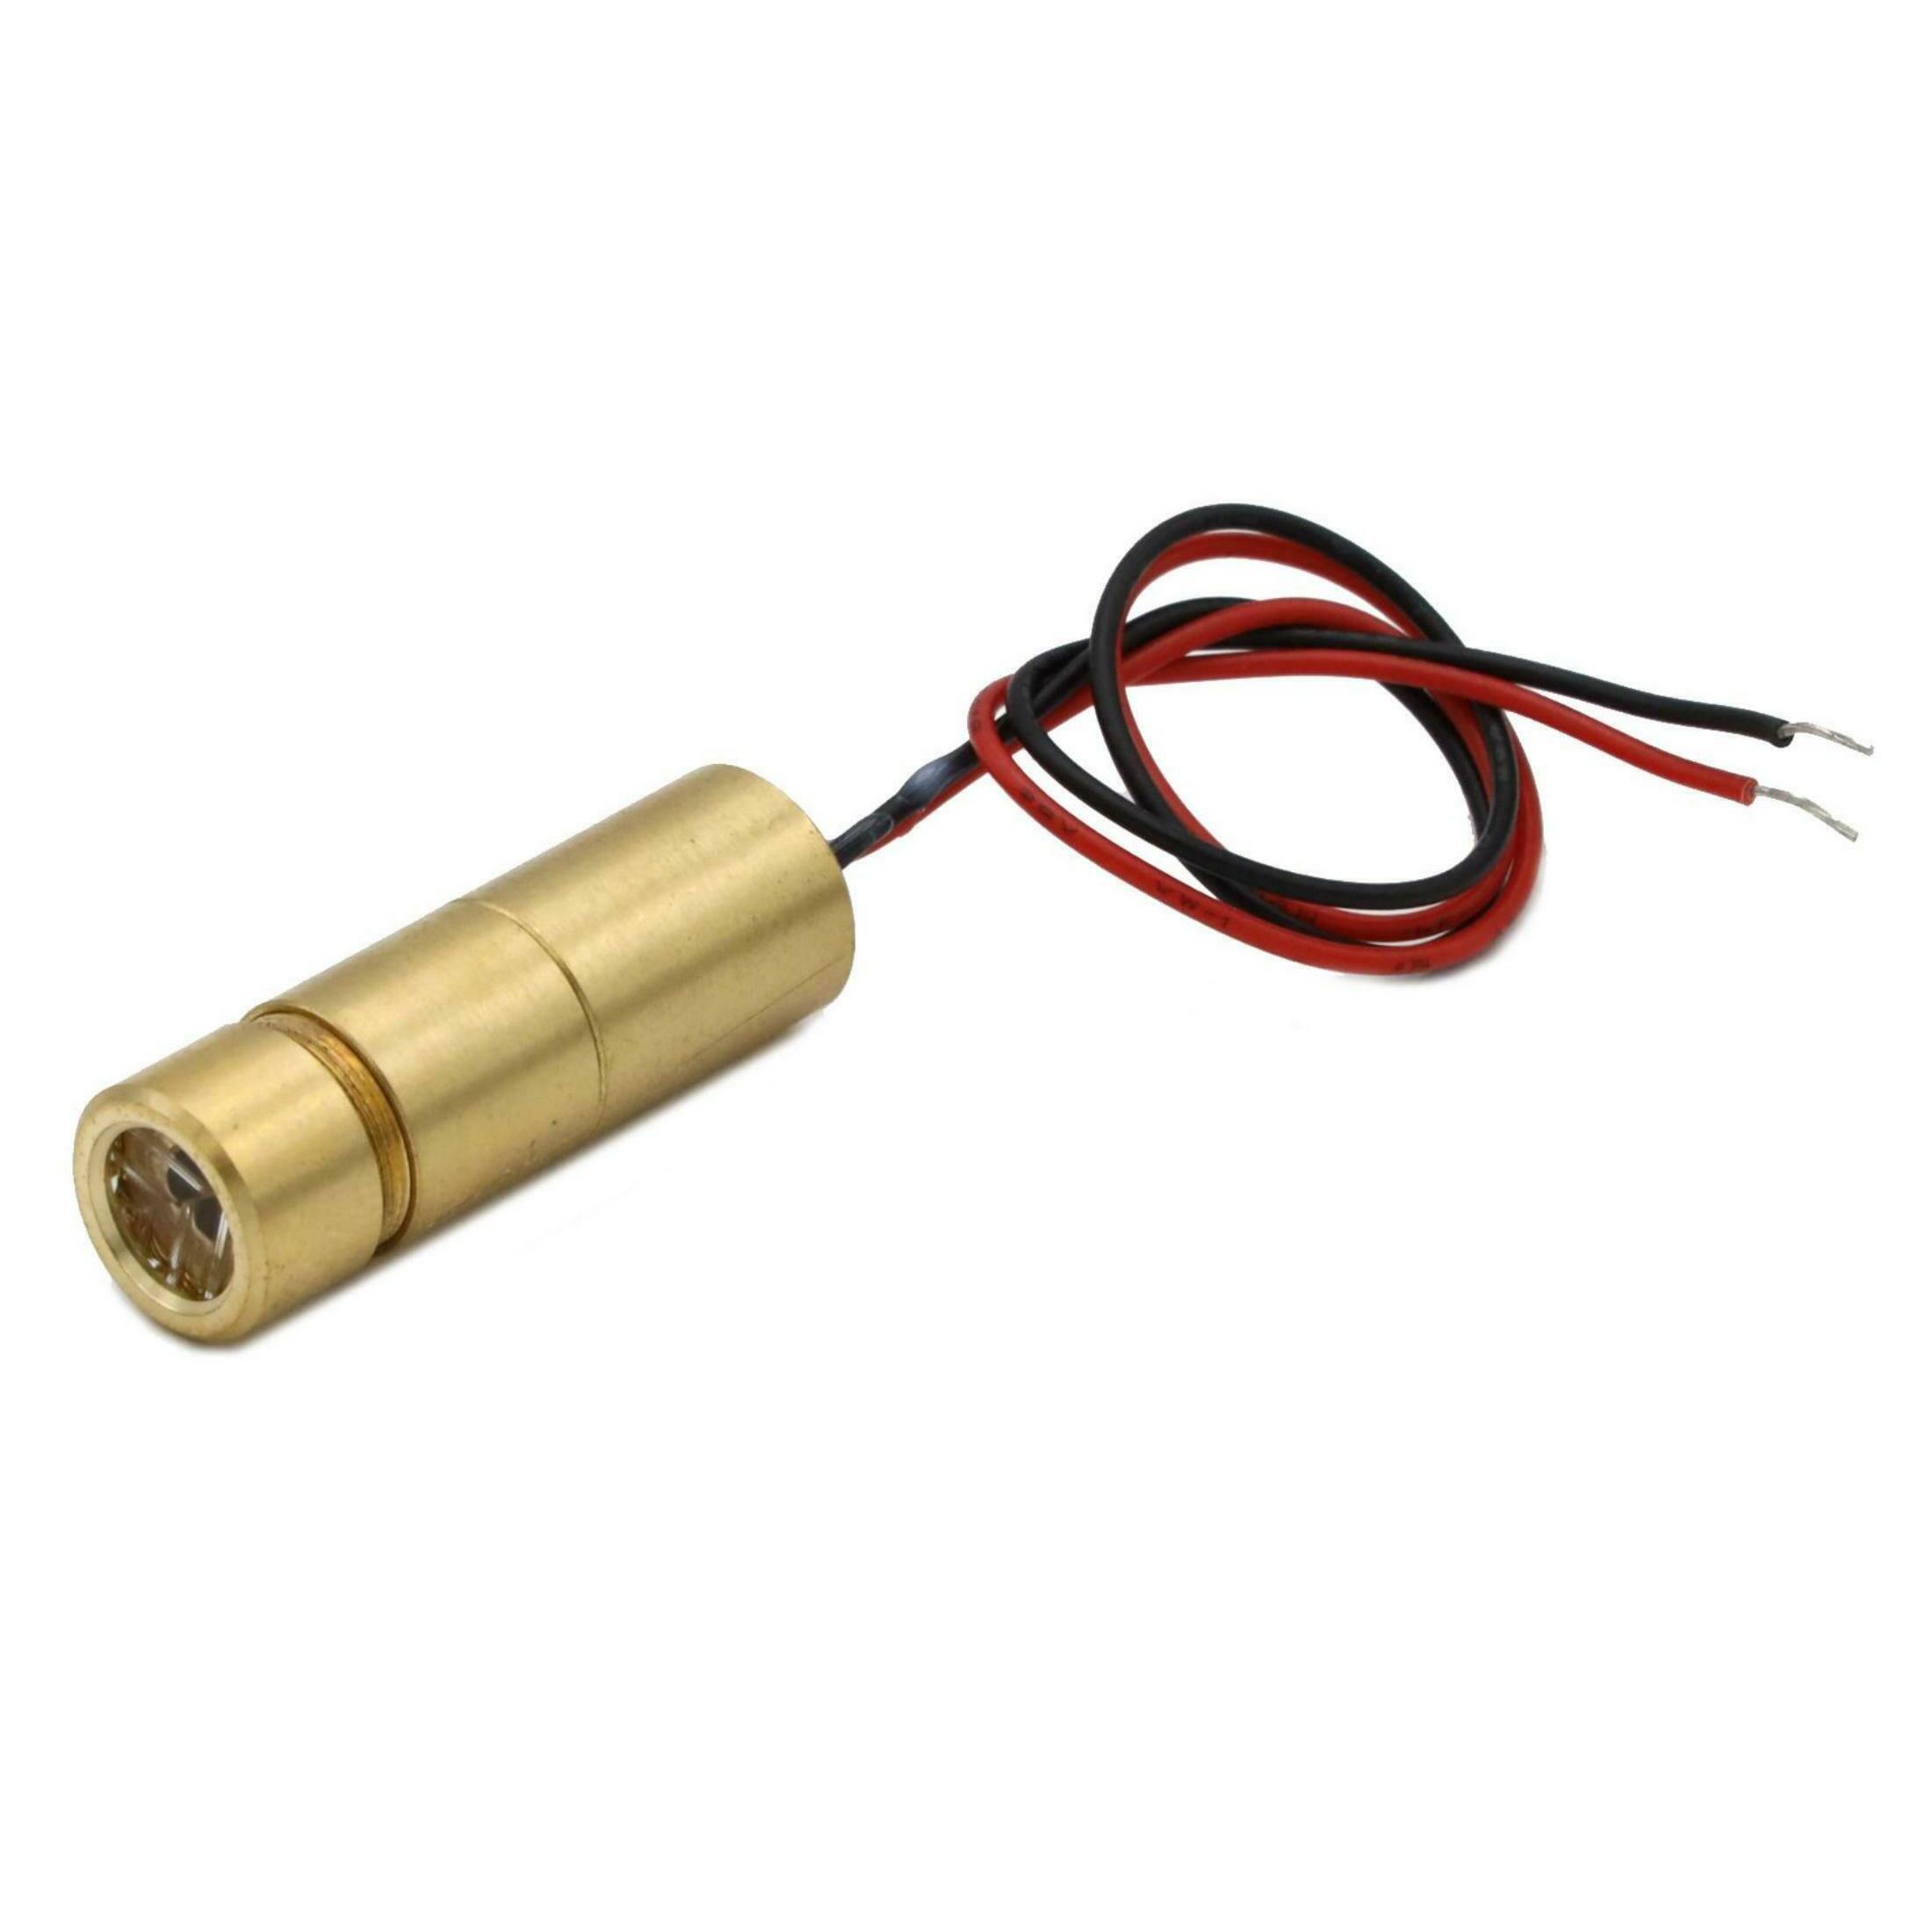 Laserfuchs Laser CB635-5-5(9x26)60-CON-USB